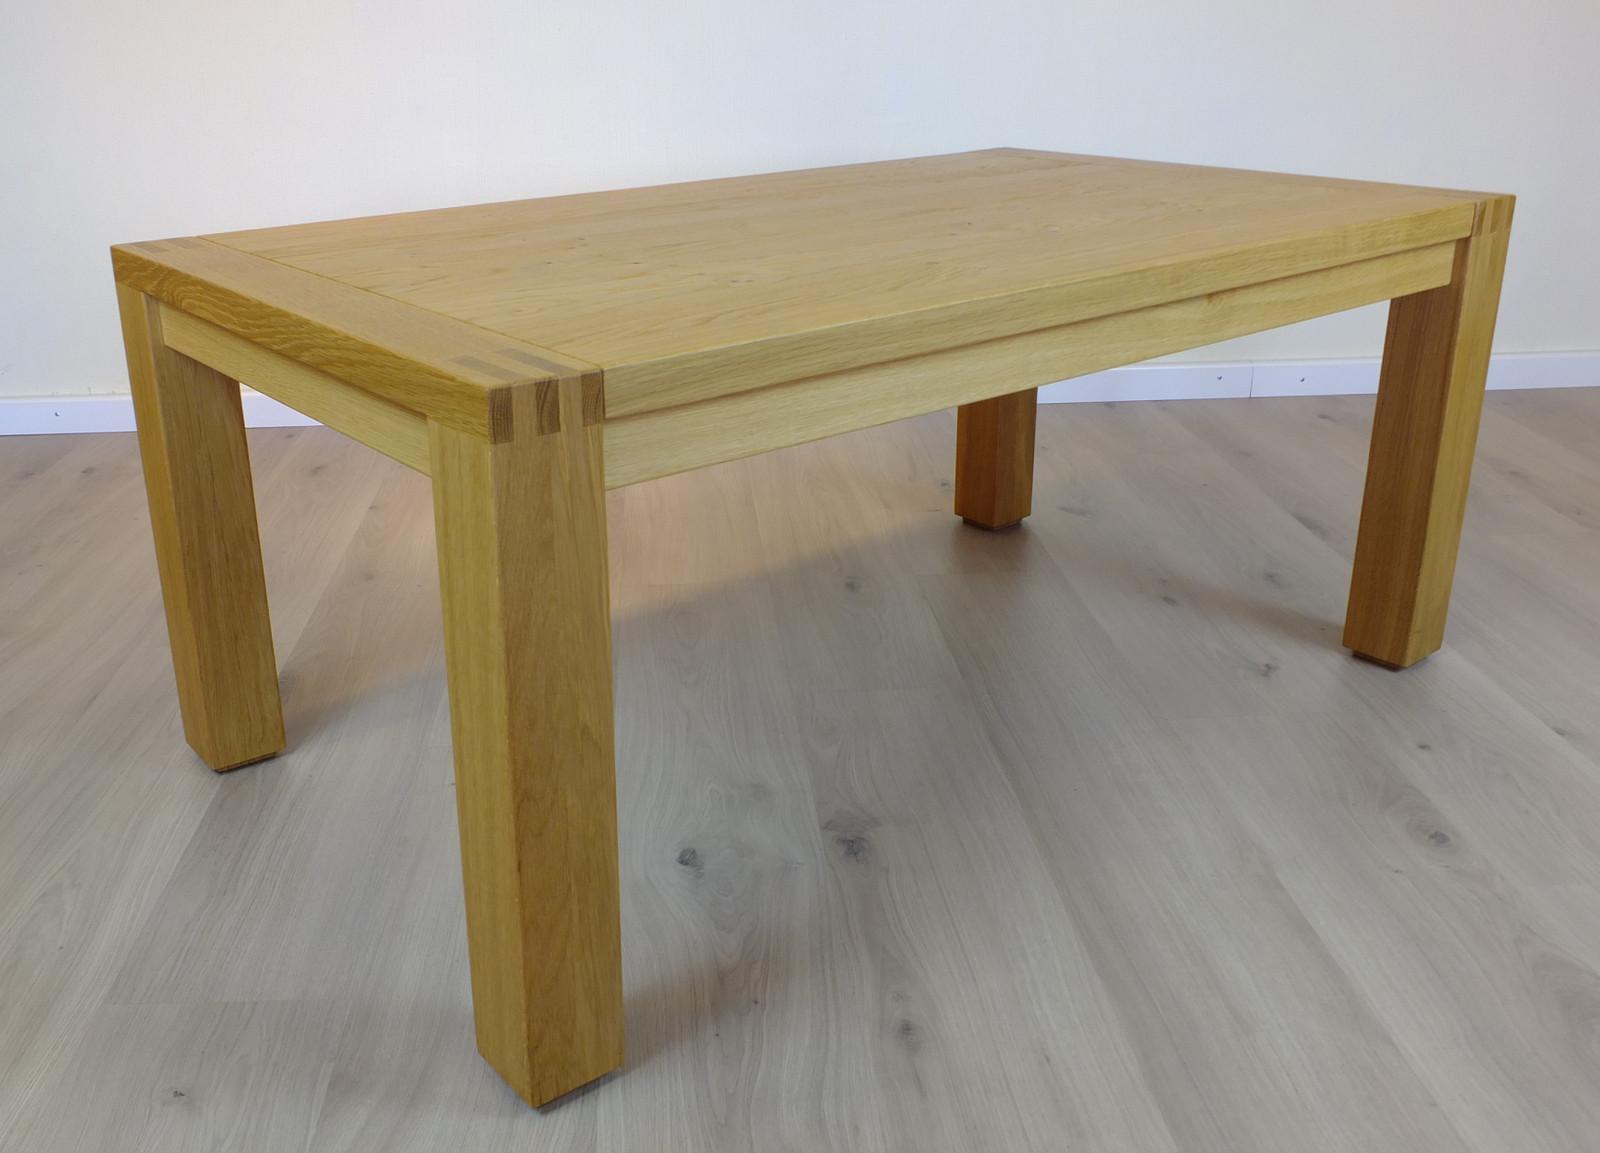 Couchtisch / Wohnzimmertisch Kantatus 130 X 70 - Höhe 52 cm, Holzplatte mit sichtbarer Zinkung, Eiche massiv